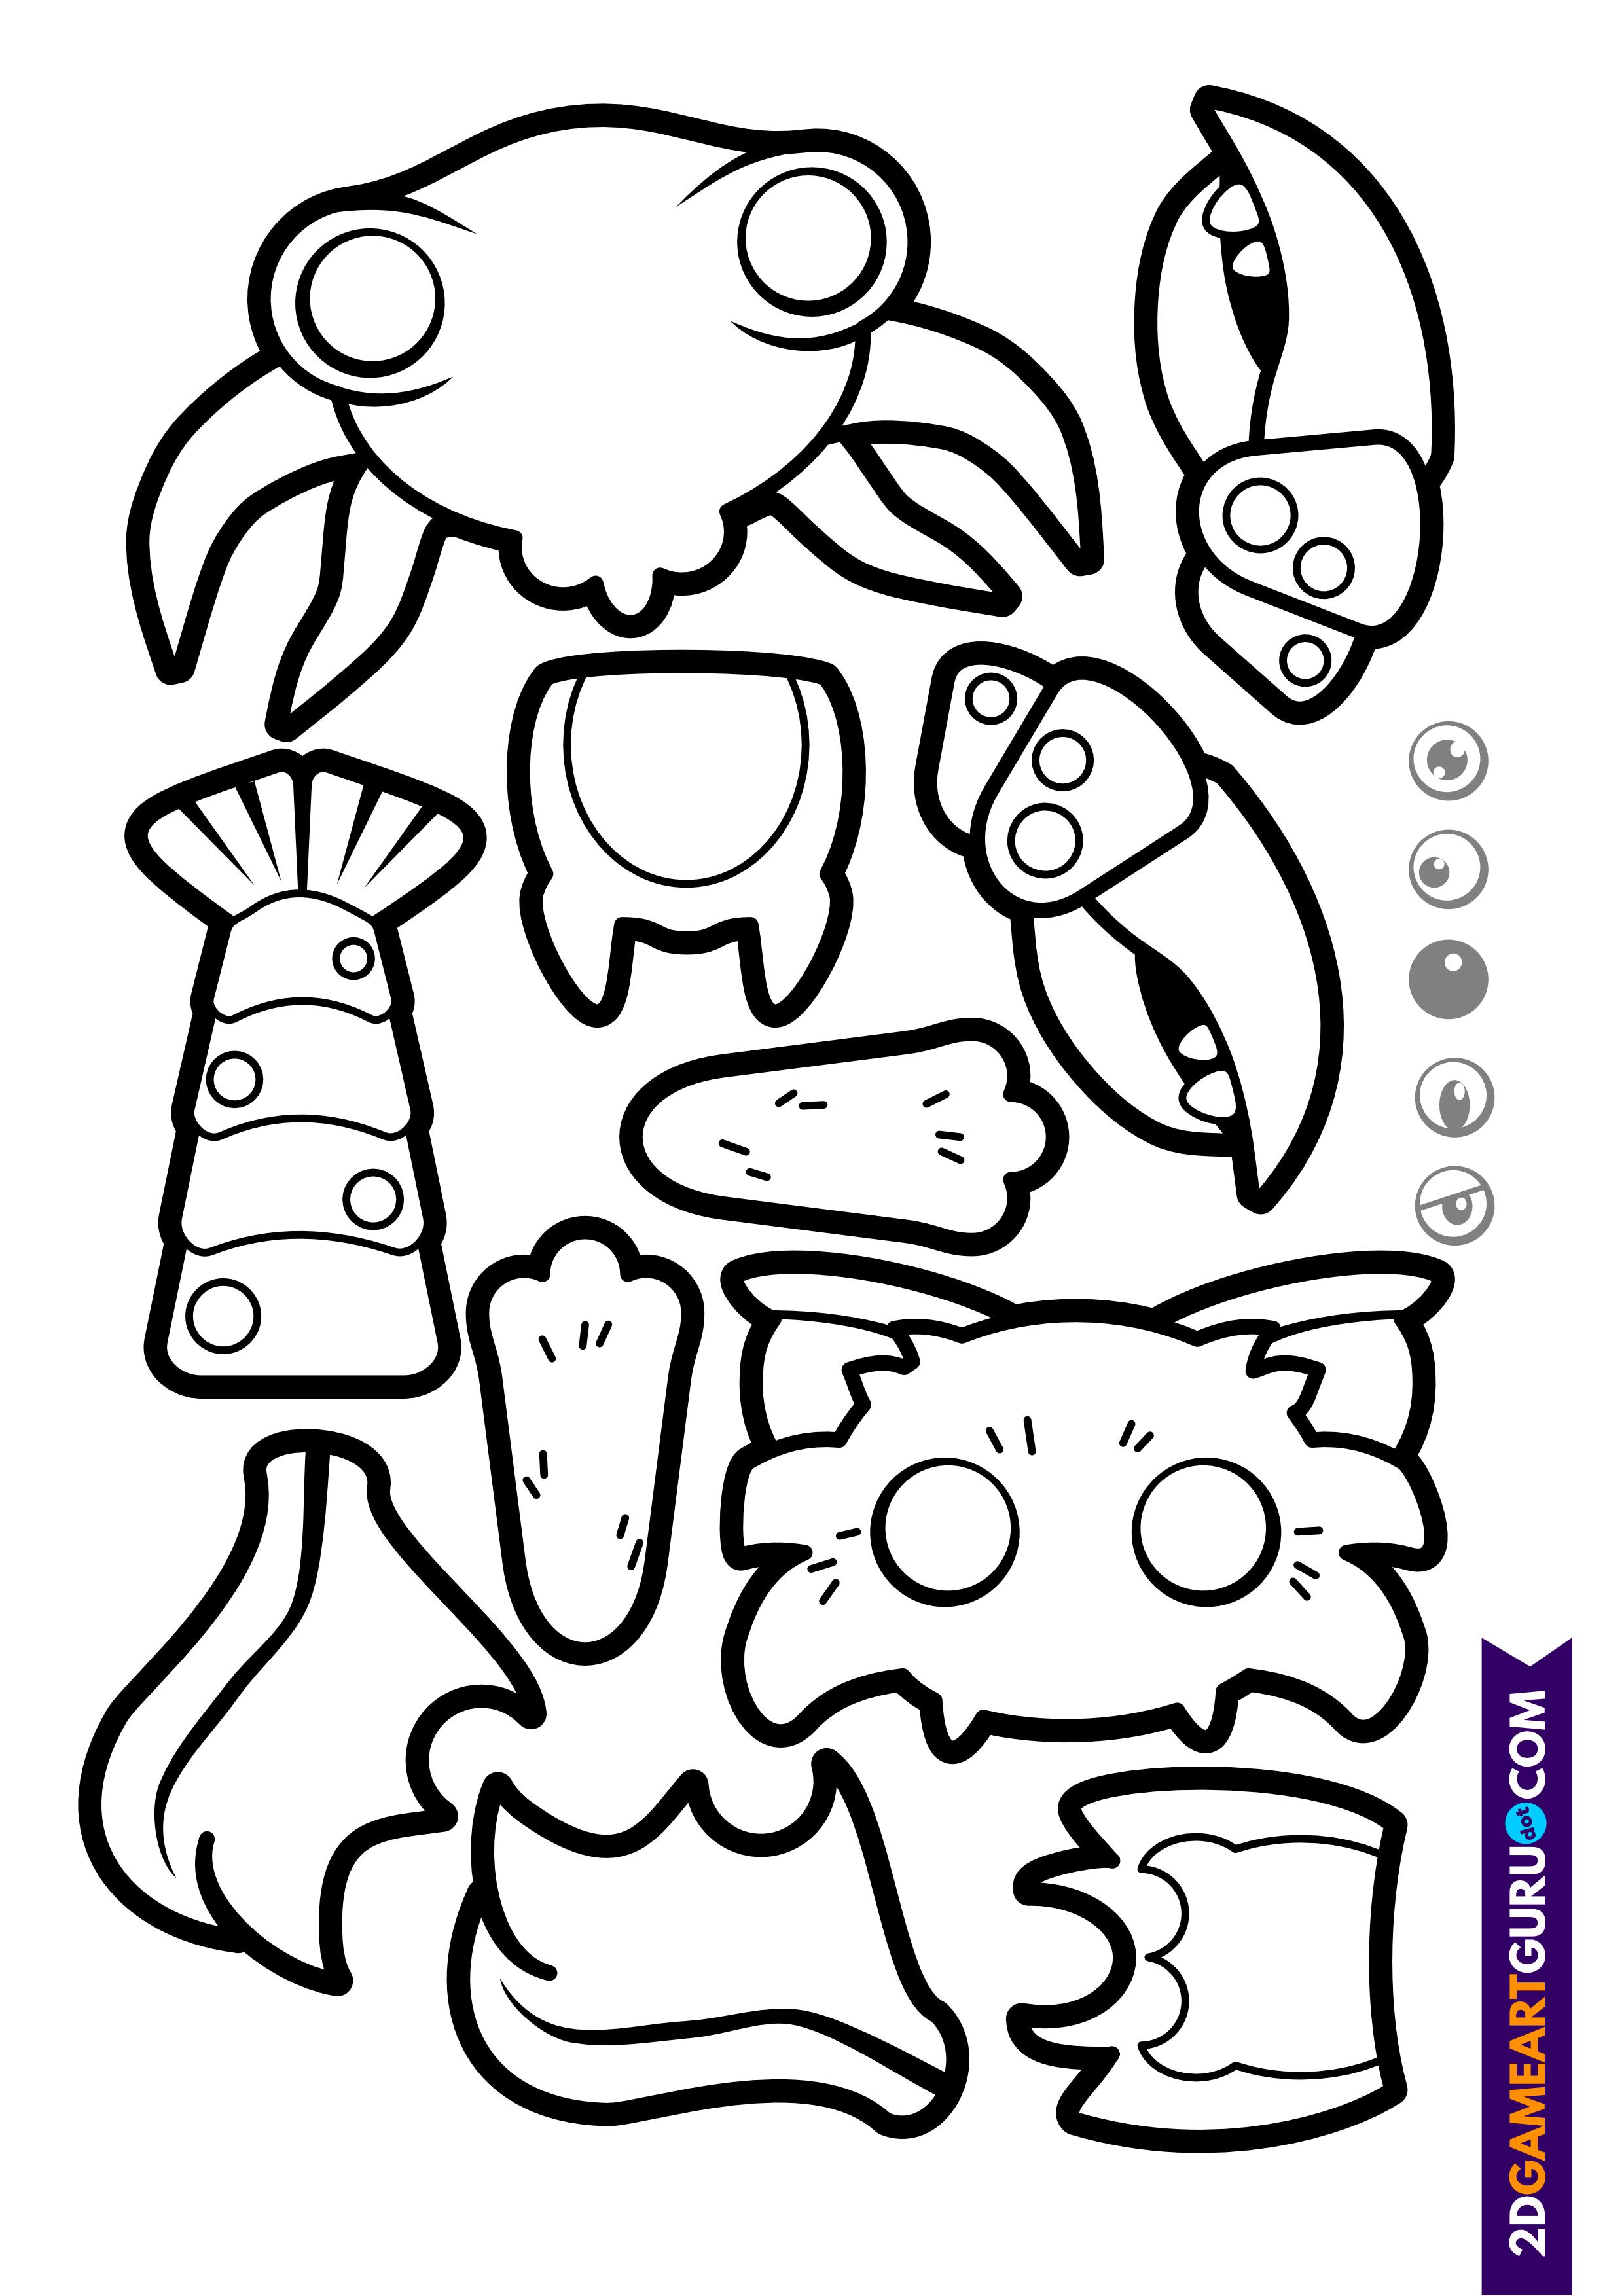 2dgameartguru - craft sheet monsters 3